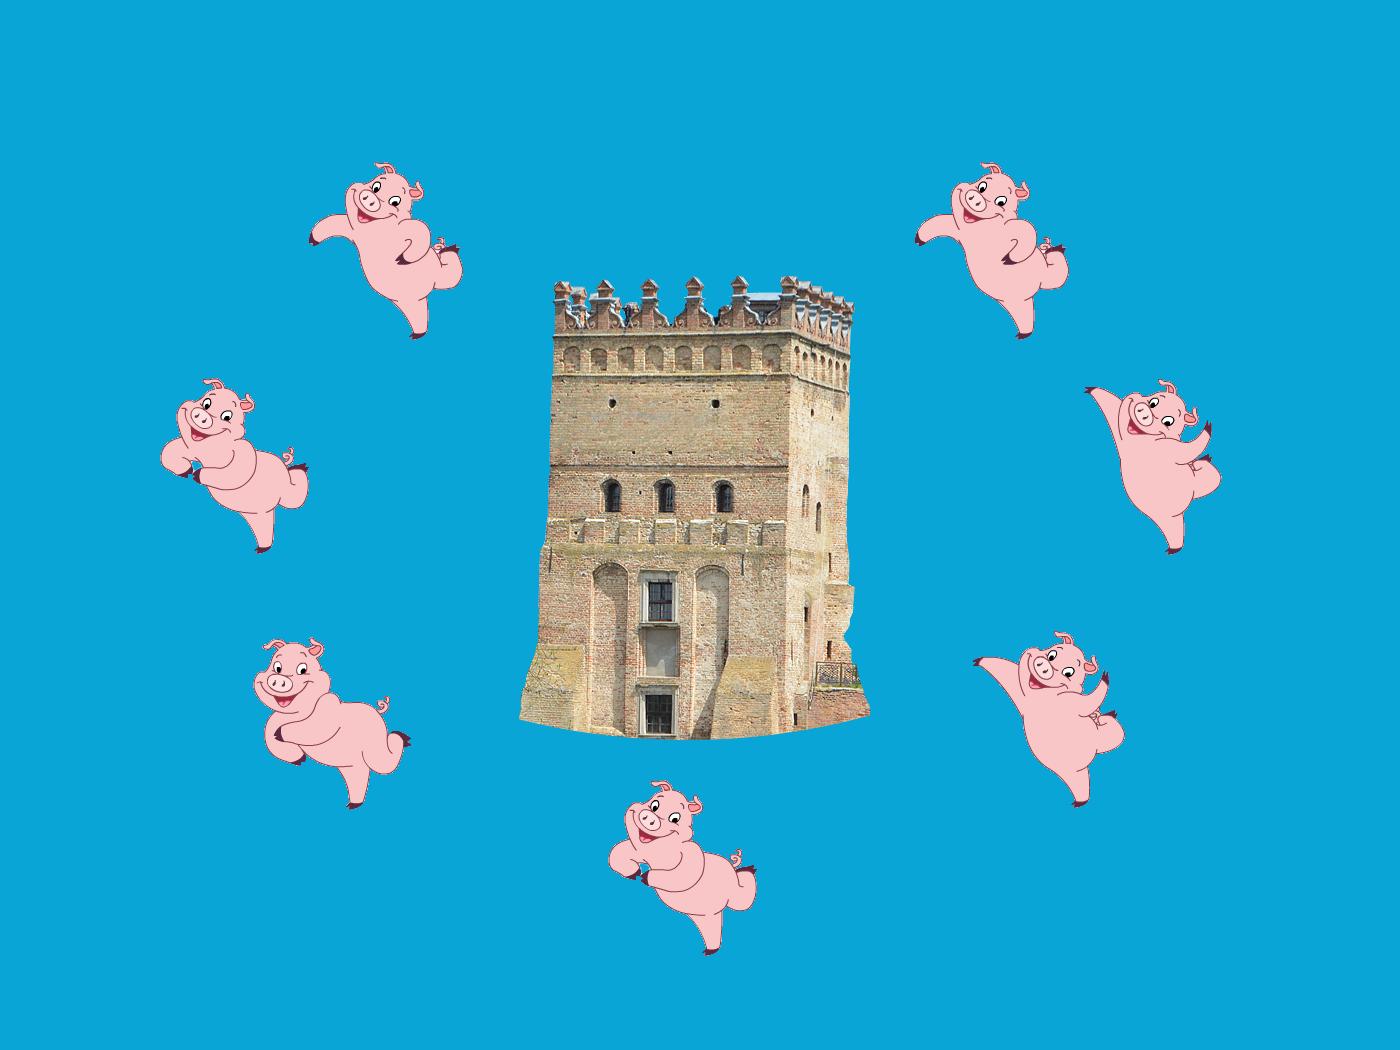 Лучани, не вигулюйте міських свиней без нагляду!